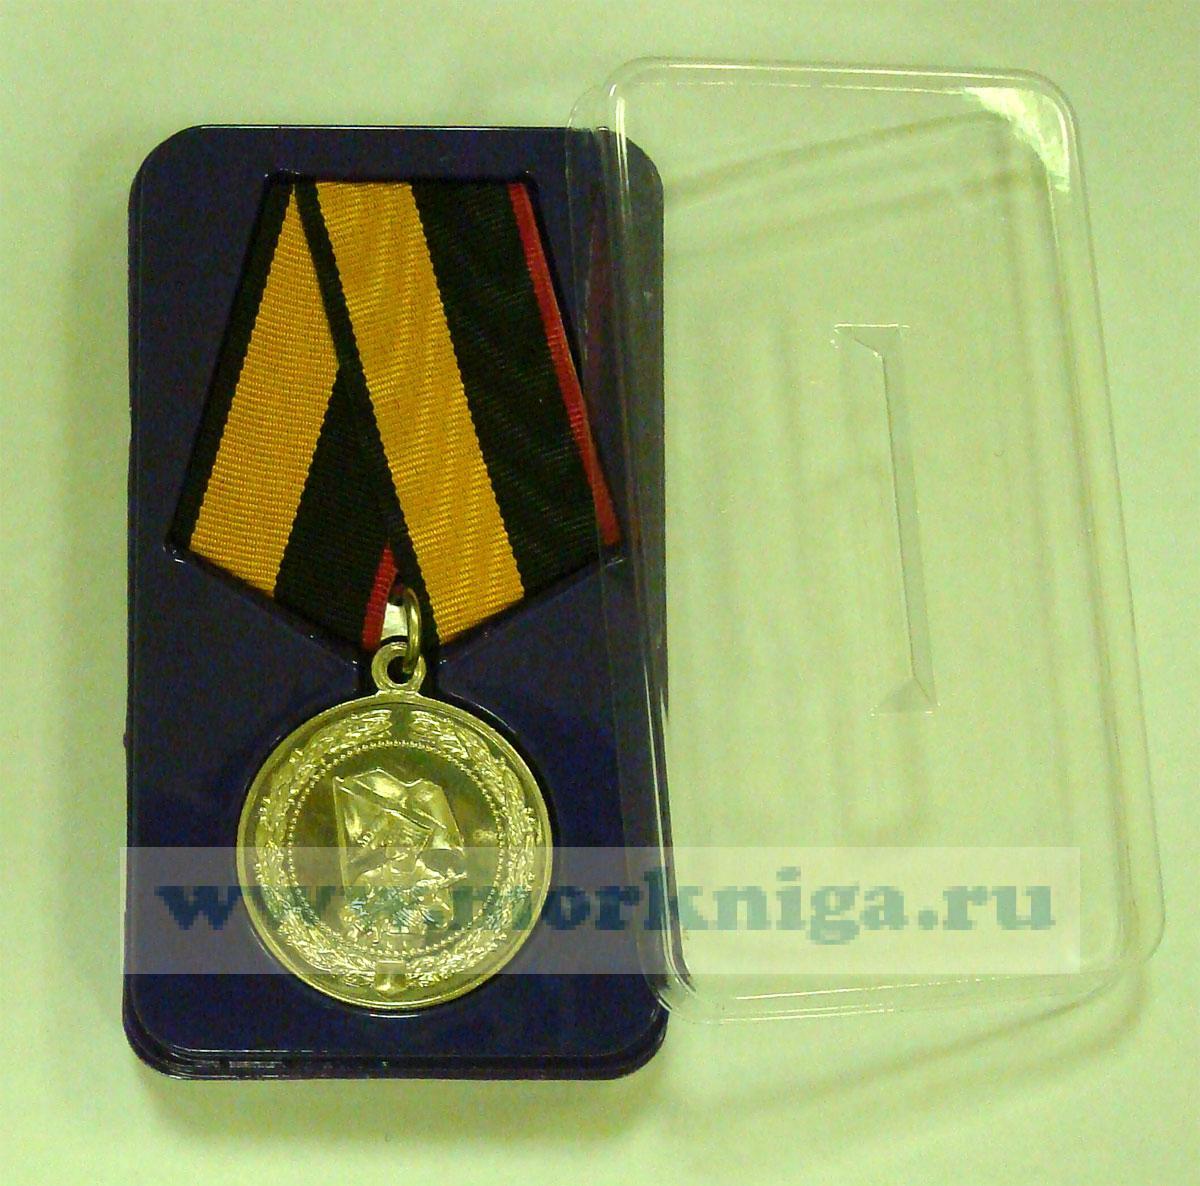 """Медаль """"За службу в морской пехоте. Министерство обороны Российской Федерации"""" в пластиковом футляре"""